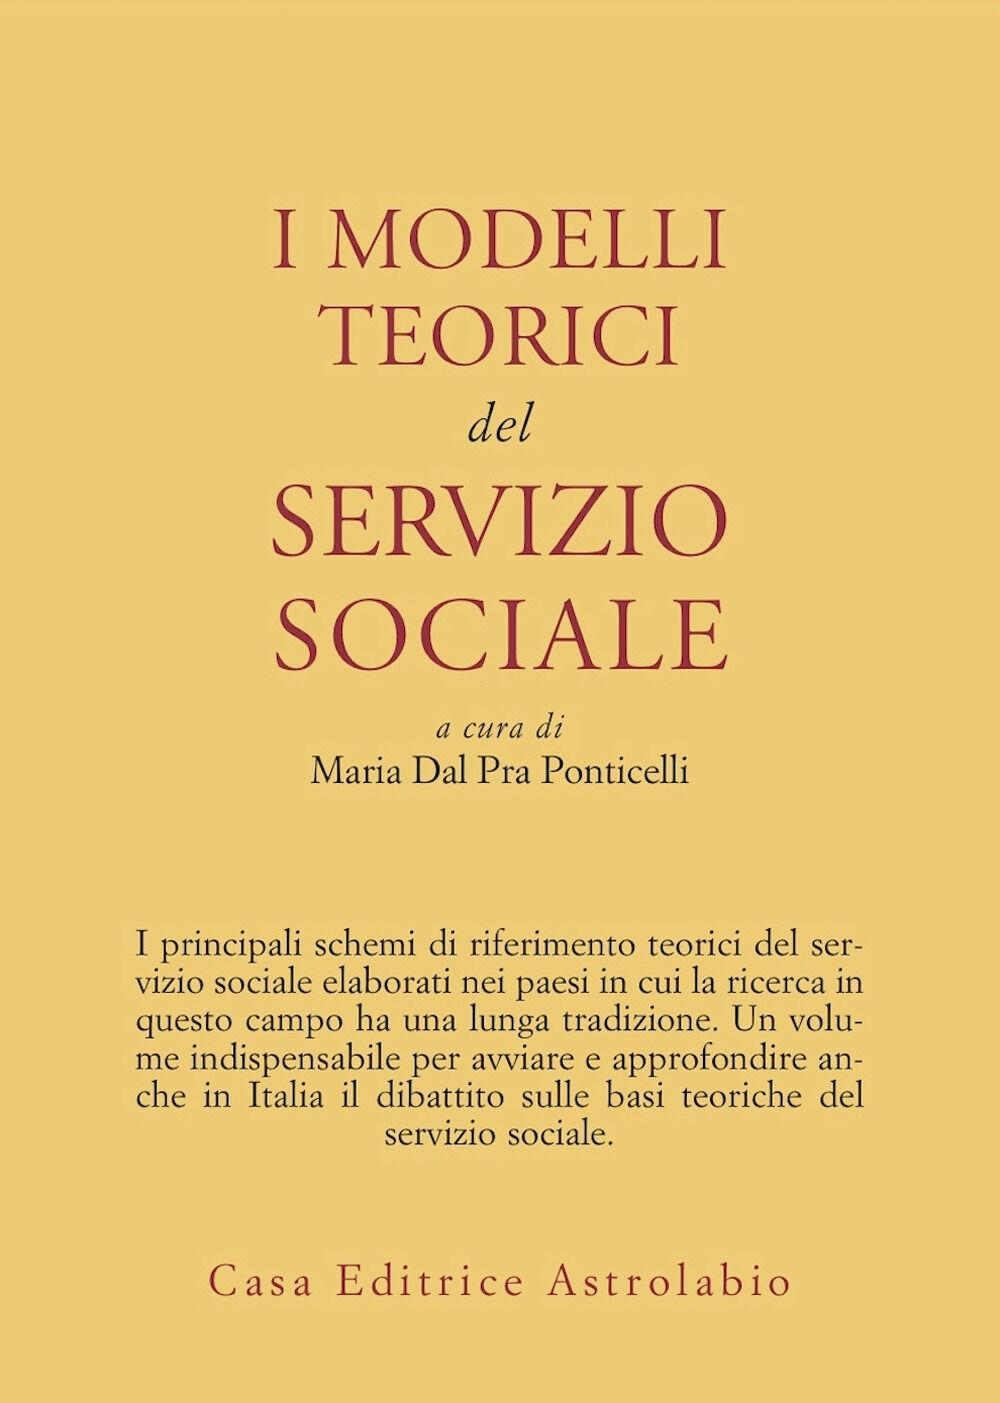 I modelli teorici del servizio sociale